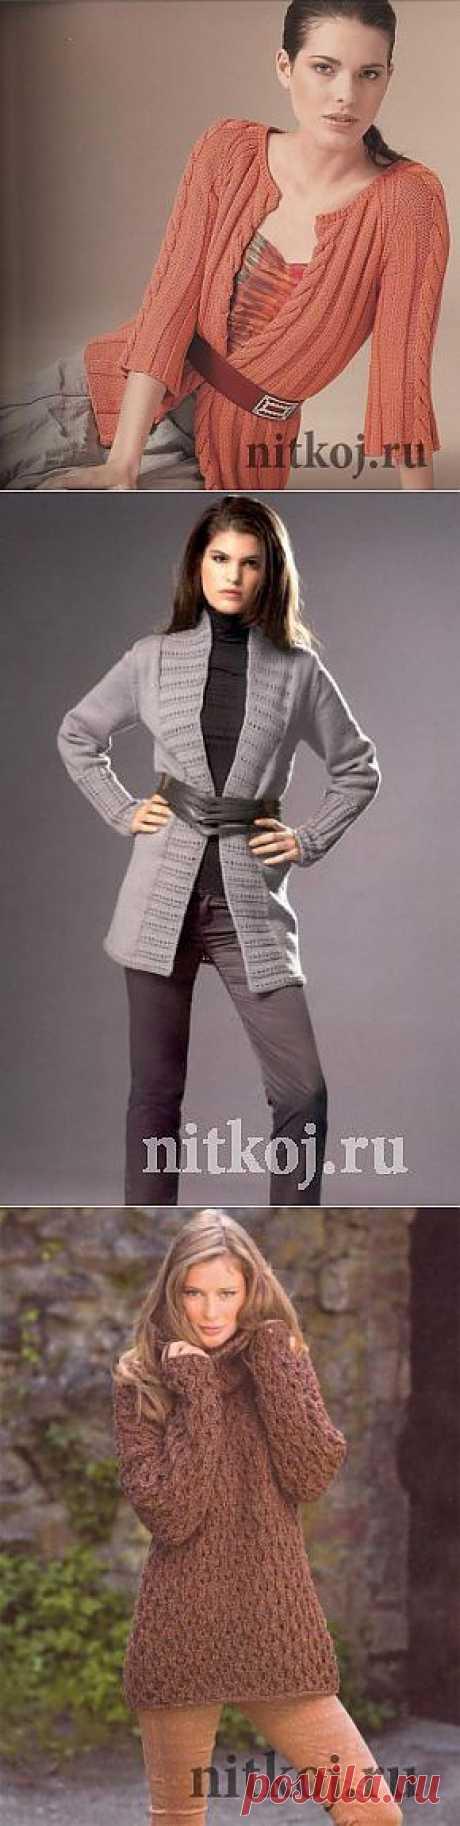 Пуловер, жакет, свитер » Ниткой - вязаные вещи для вашего дома, вязание крючком, вязание спицами, схемы вязания